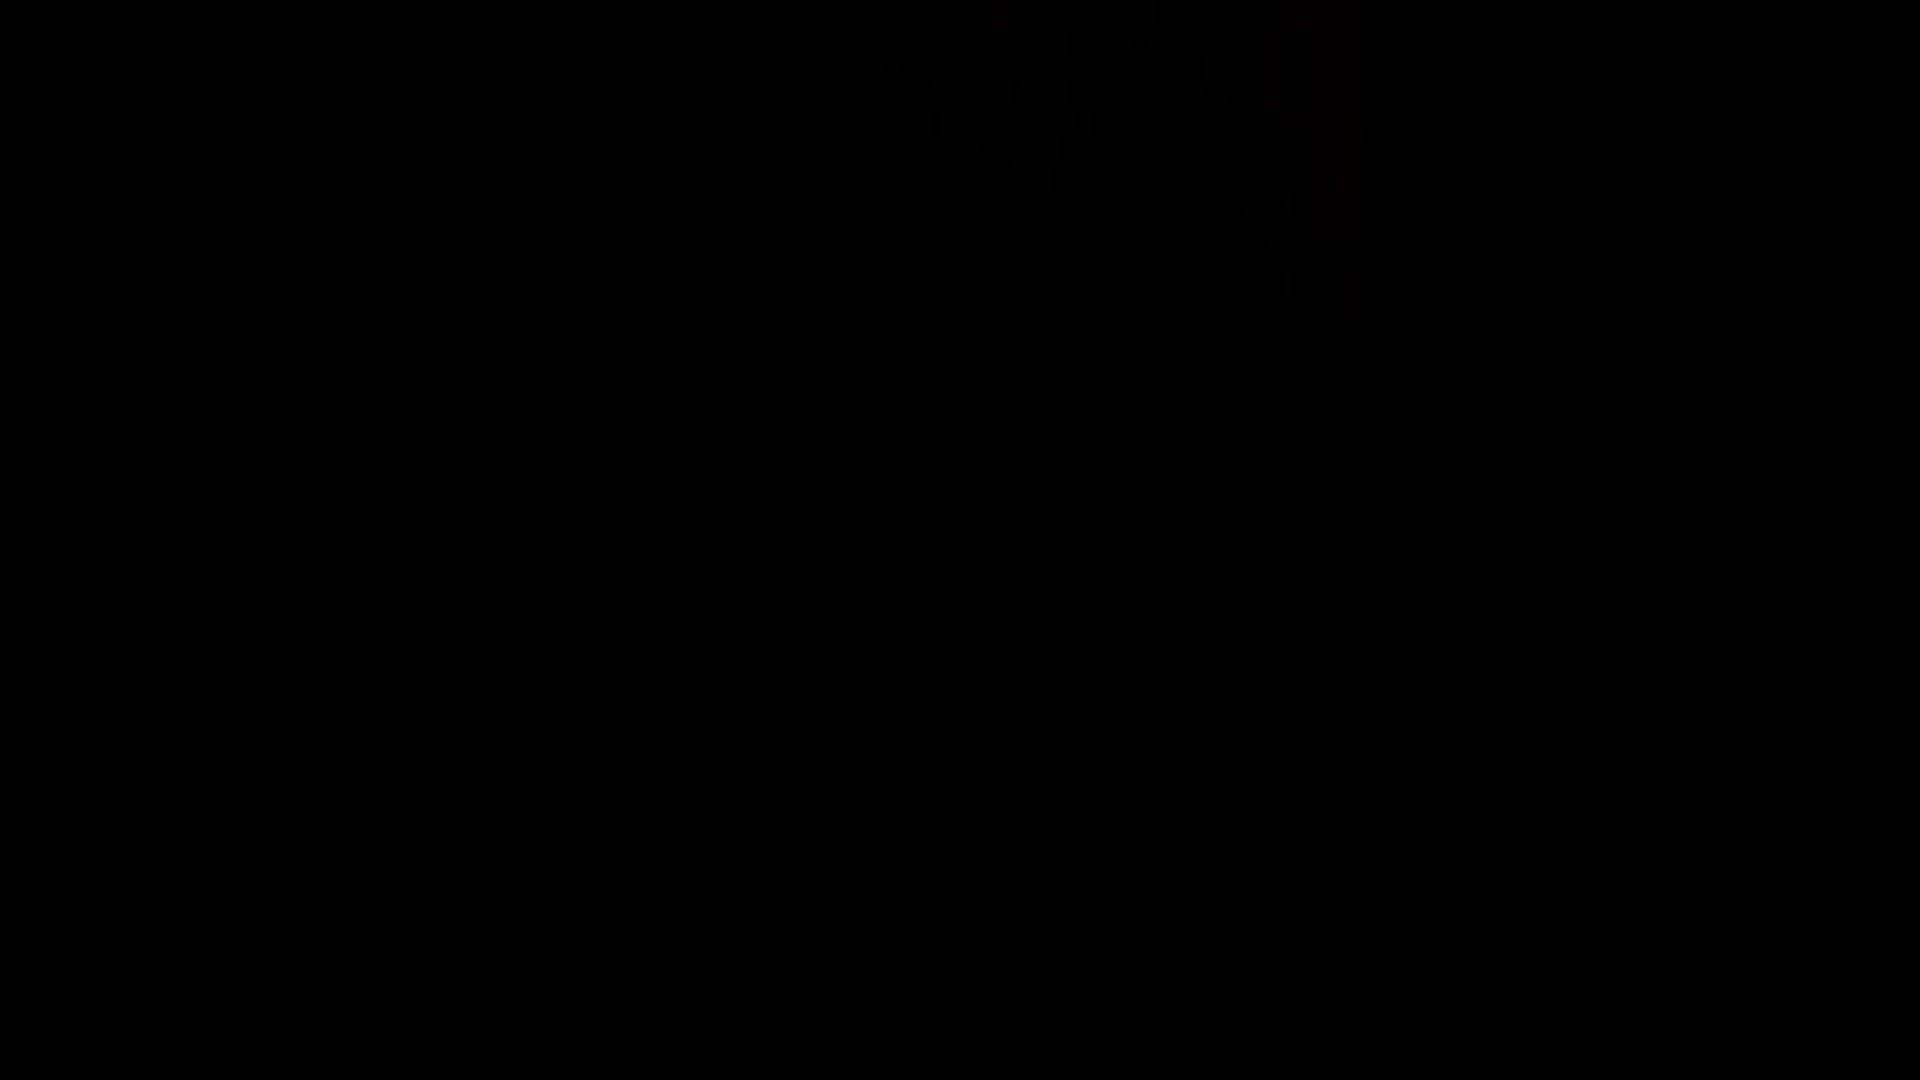 ゆめかわ男子のゆめかわオナニージャニーズ編vol.09 オナニー編 ゲイ射精画像 84枚 17